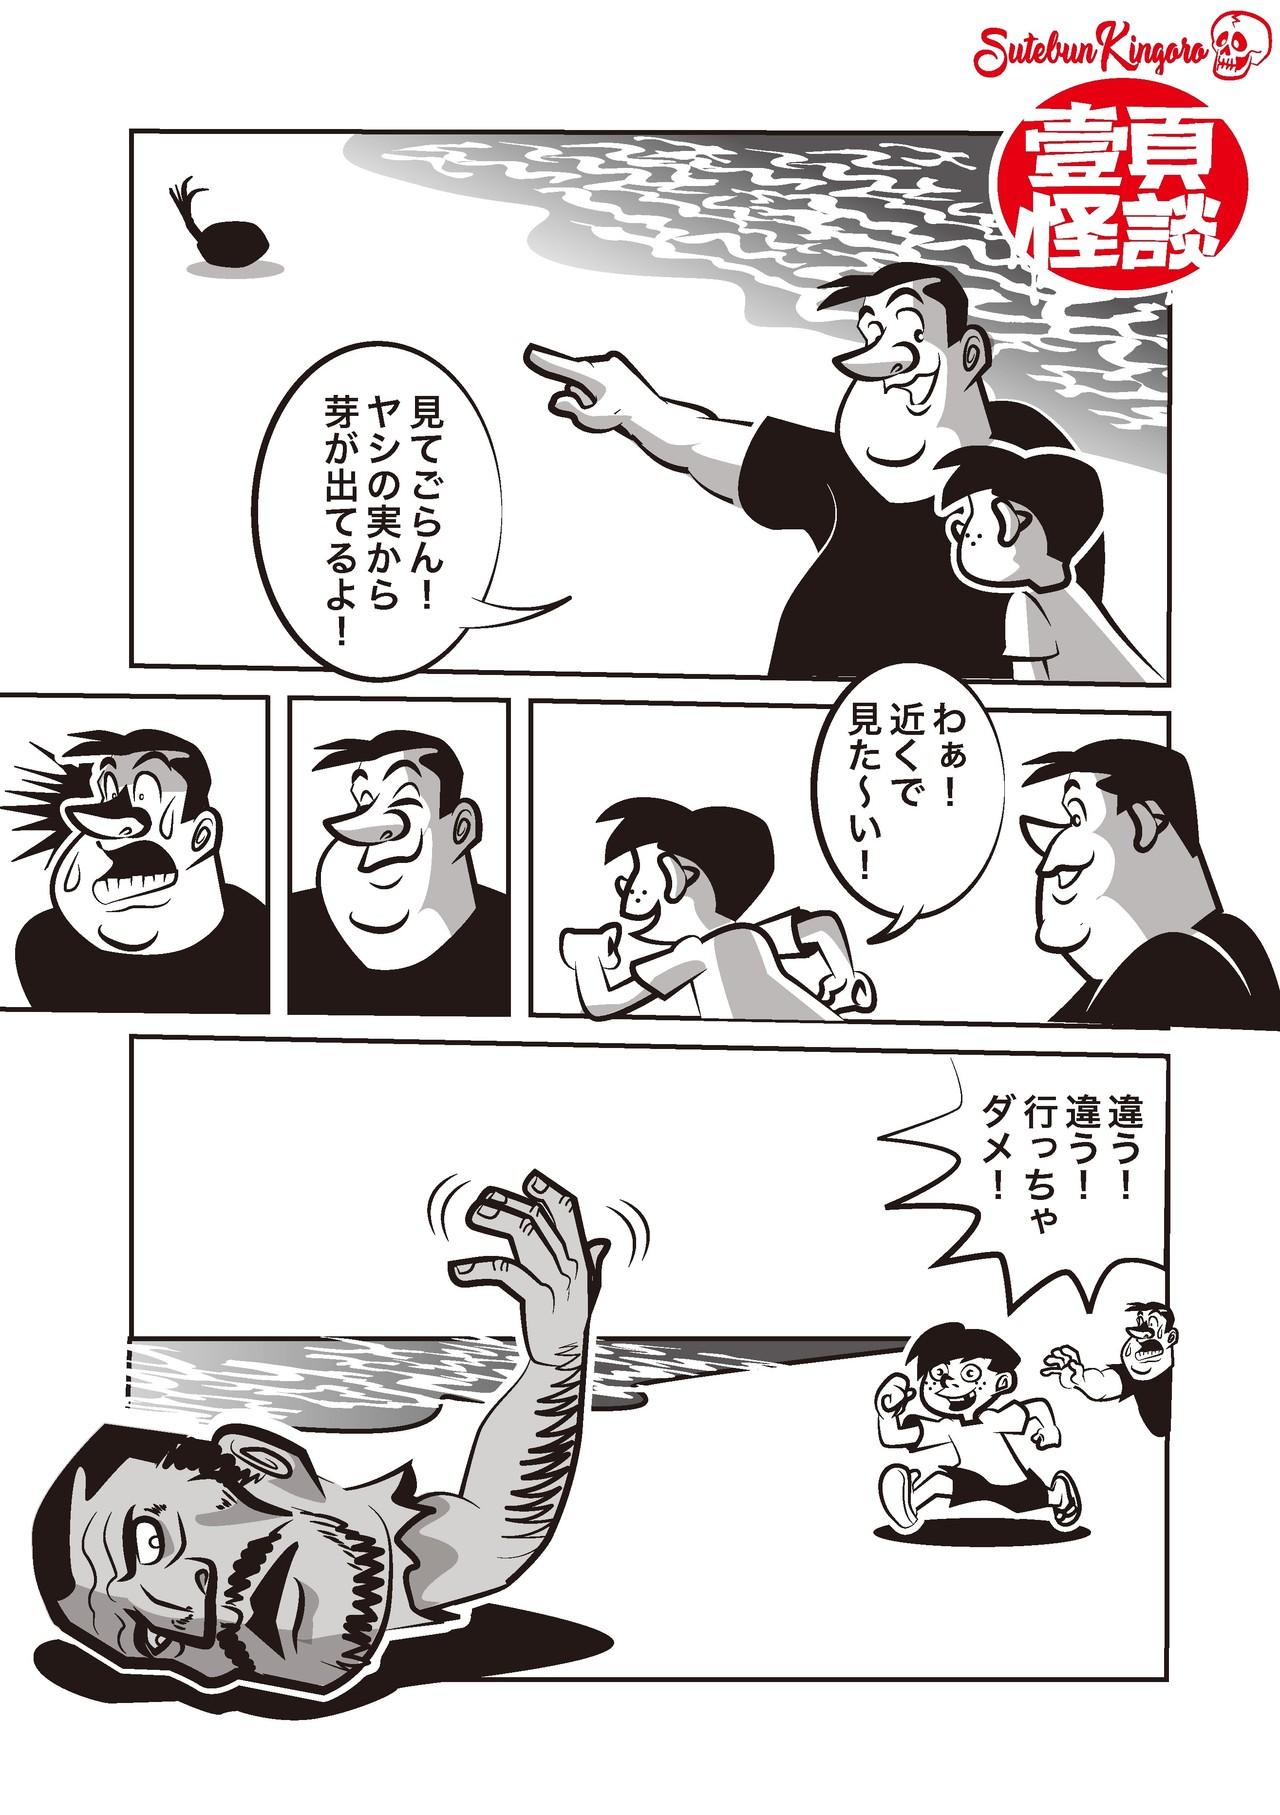 怪談作家・朱雀門 出(すざくもん・いづる)さんのツイッターより。https://twitter.com/isuzakumon  使用許可取得済み。 無断転載・無断シェア一切禁止!